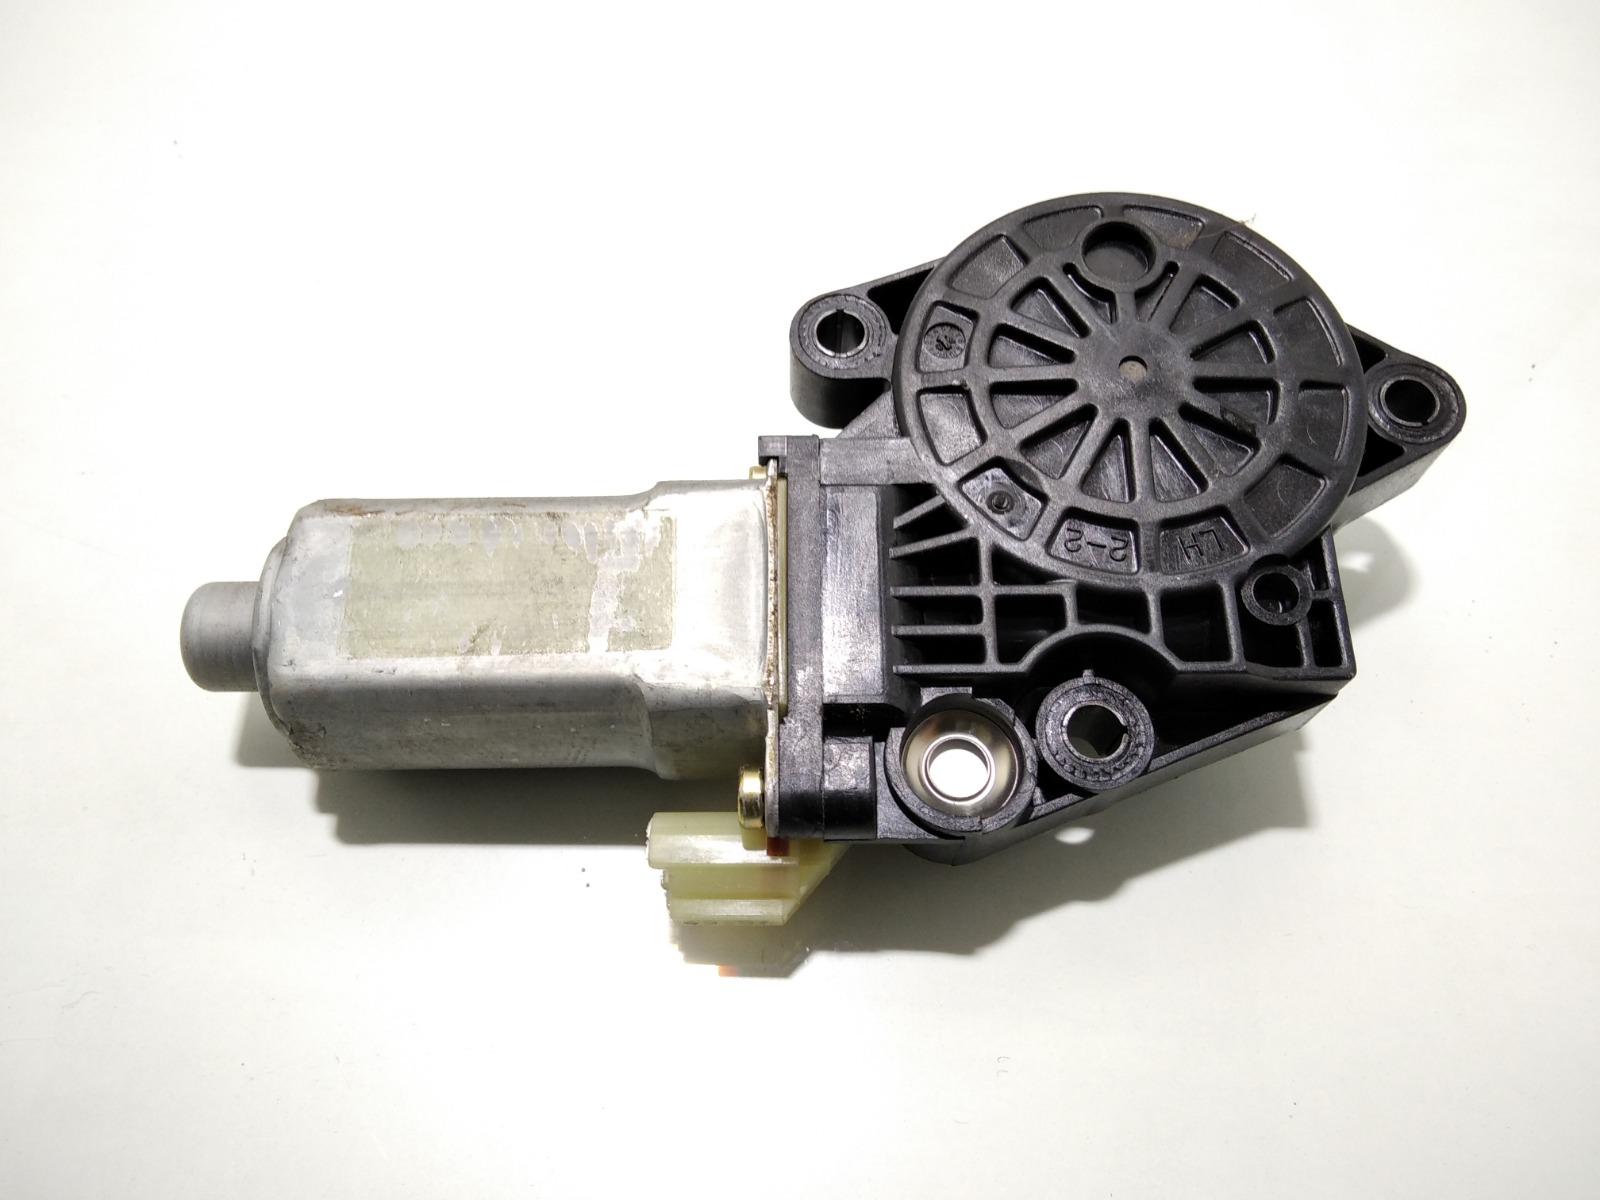 Моторчик стеклоподъемника задний левый Hyundai Elantra XD 2.0 CRDI 2004 (б/у)